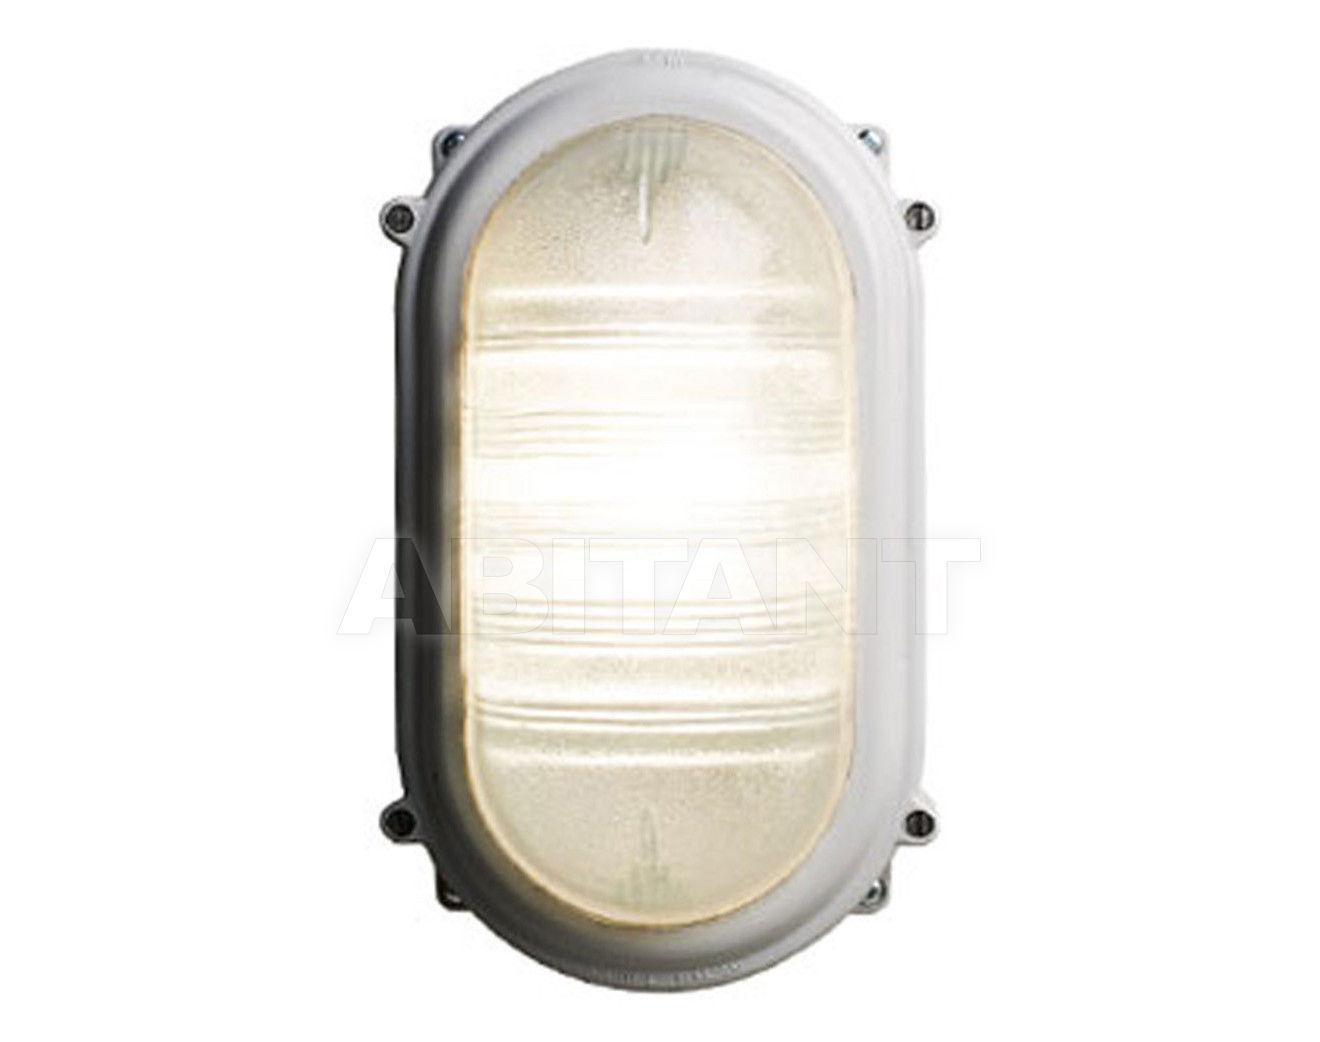 Купить Светильник Davey Lighting Bulkhead Lights 7530/OO/E27